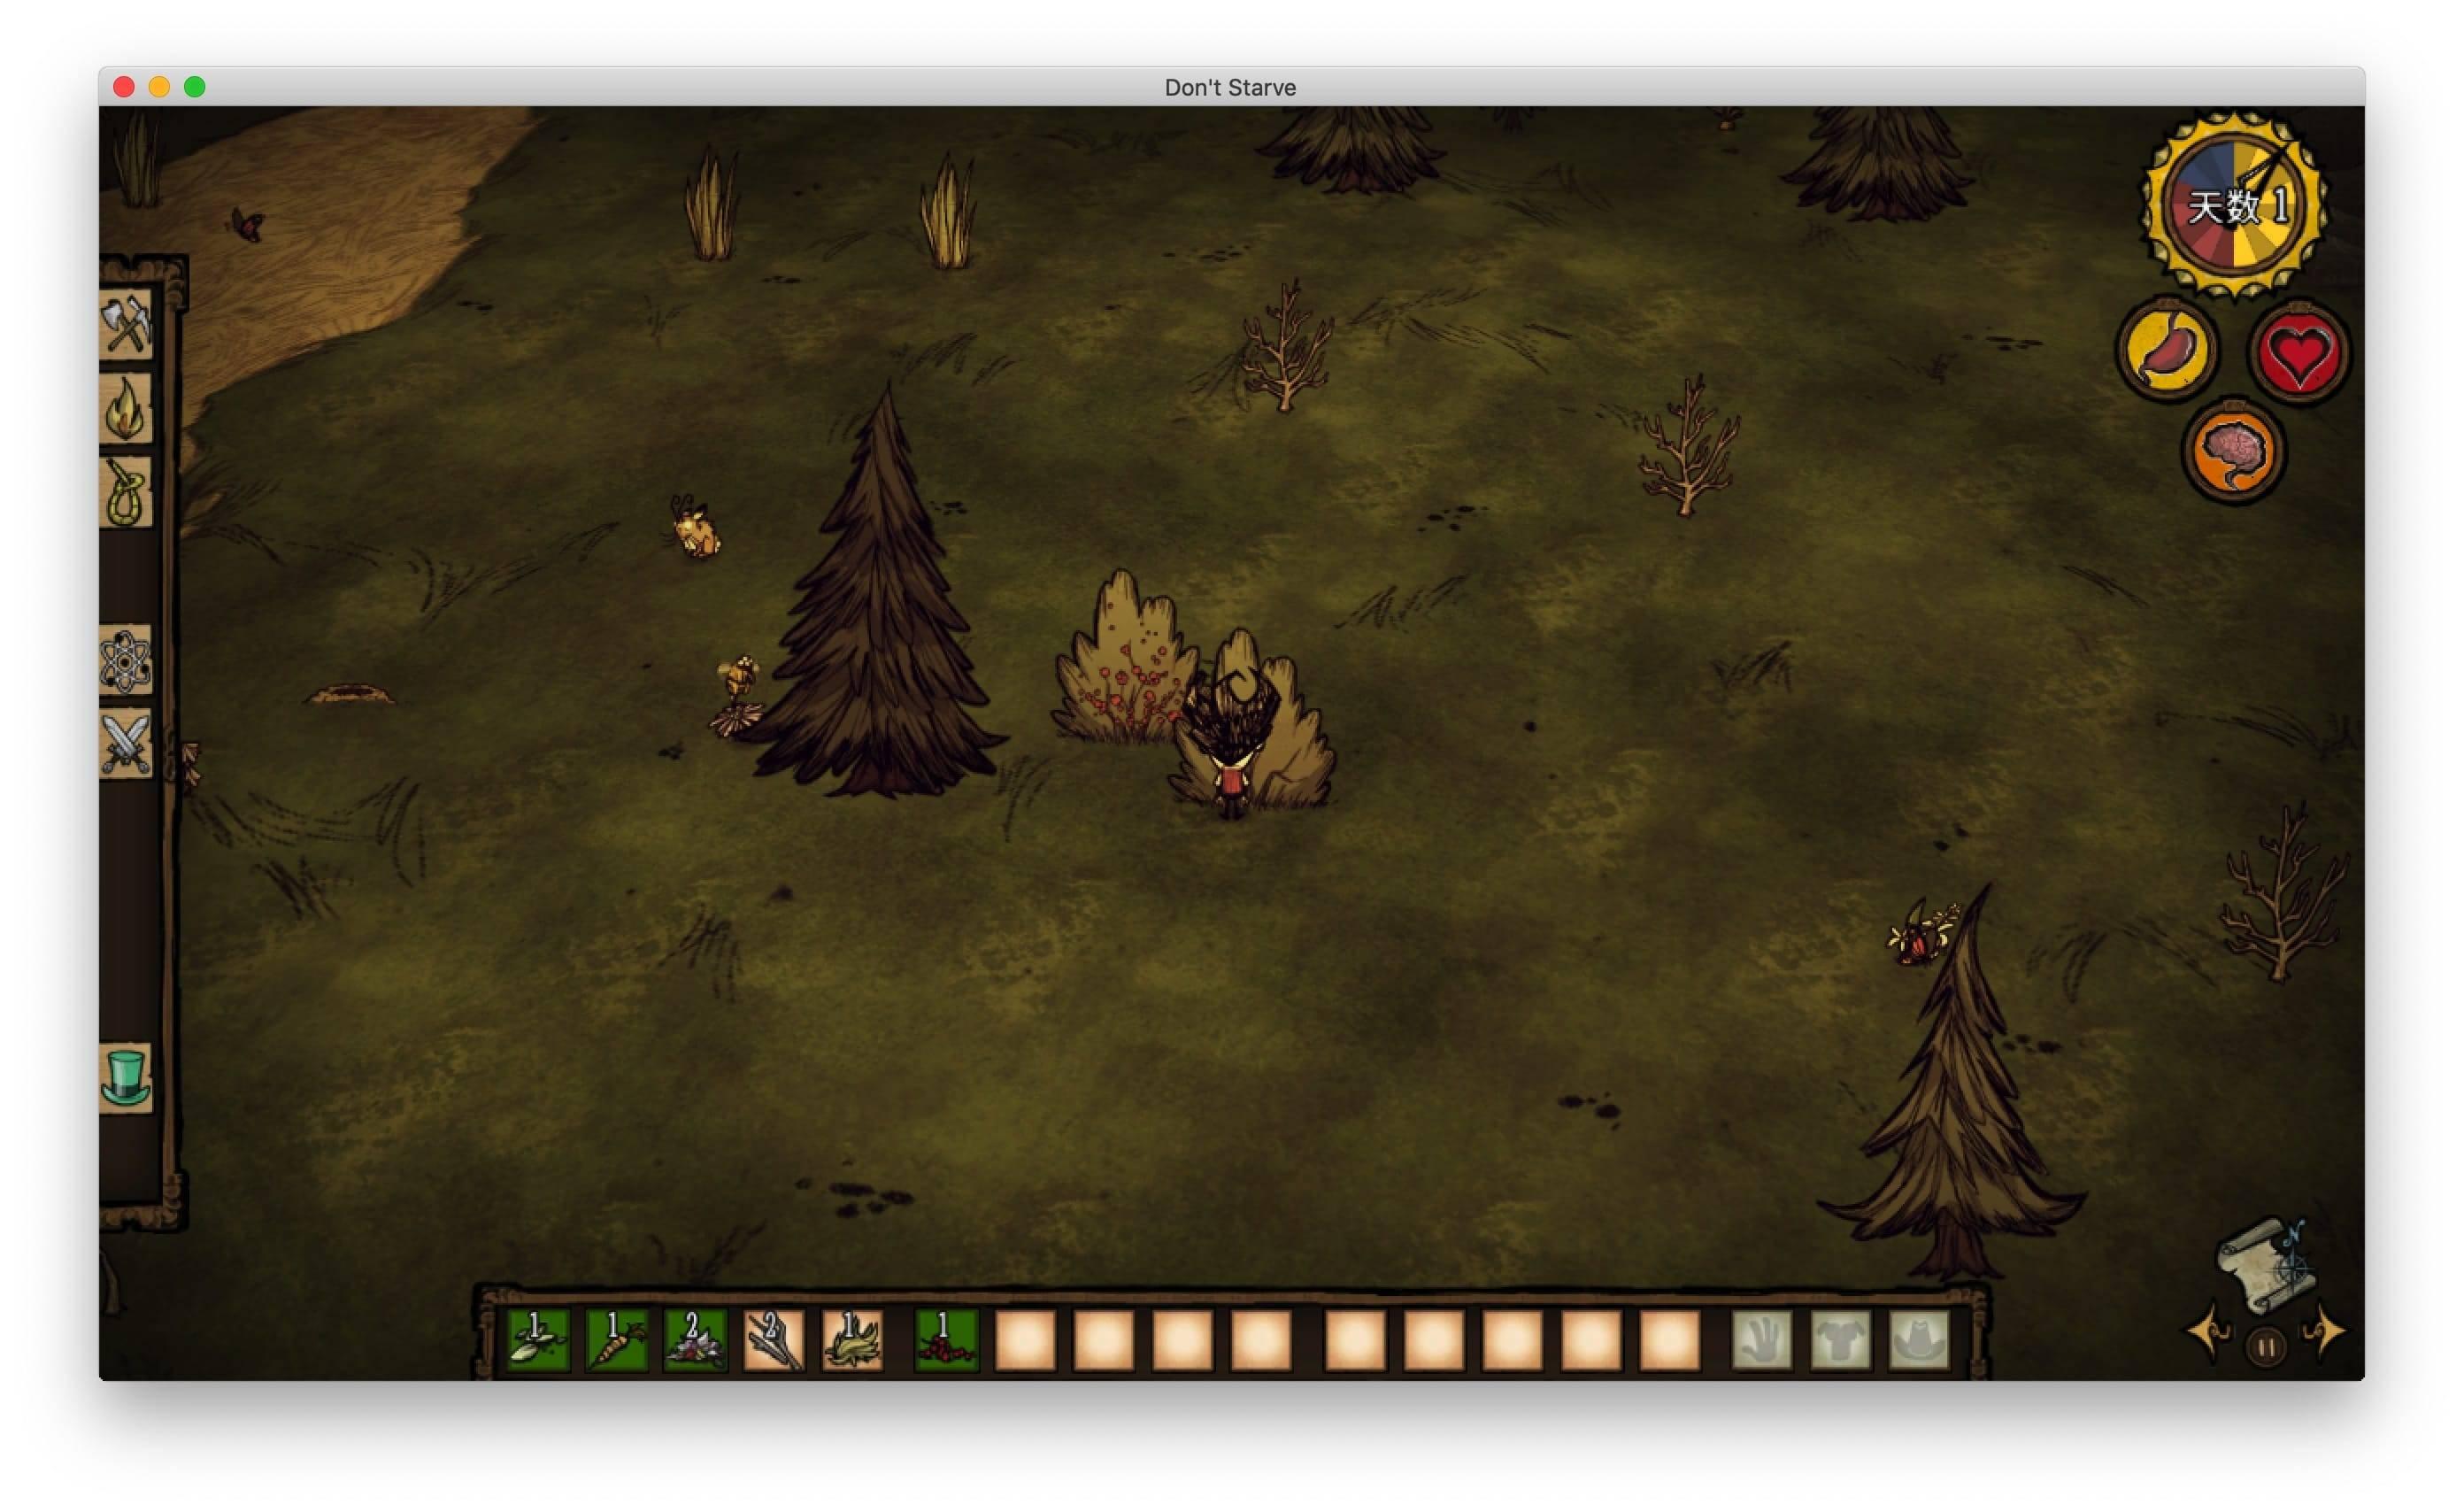 Dont Starve Hamlet v379591 (饥荒)荒野生存游戏 生存游戏 第3张